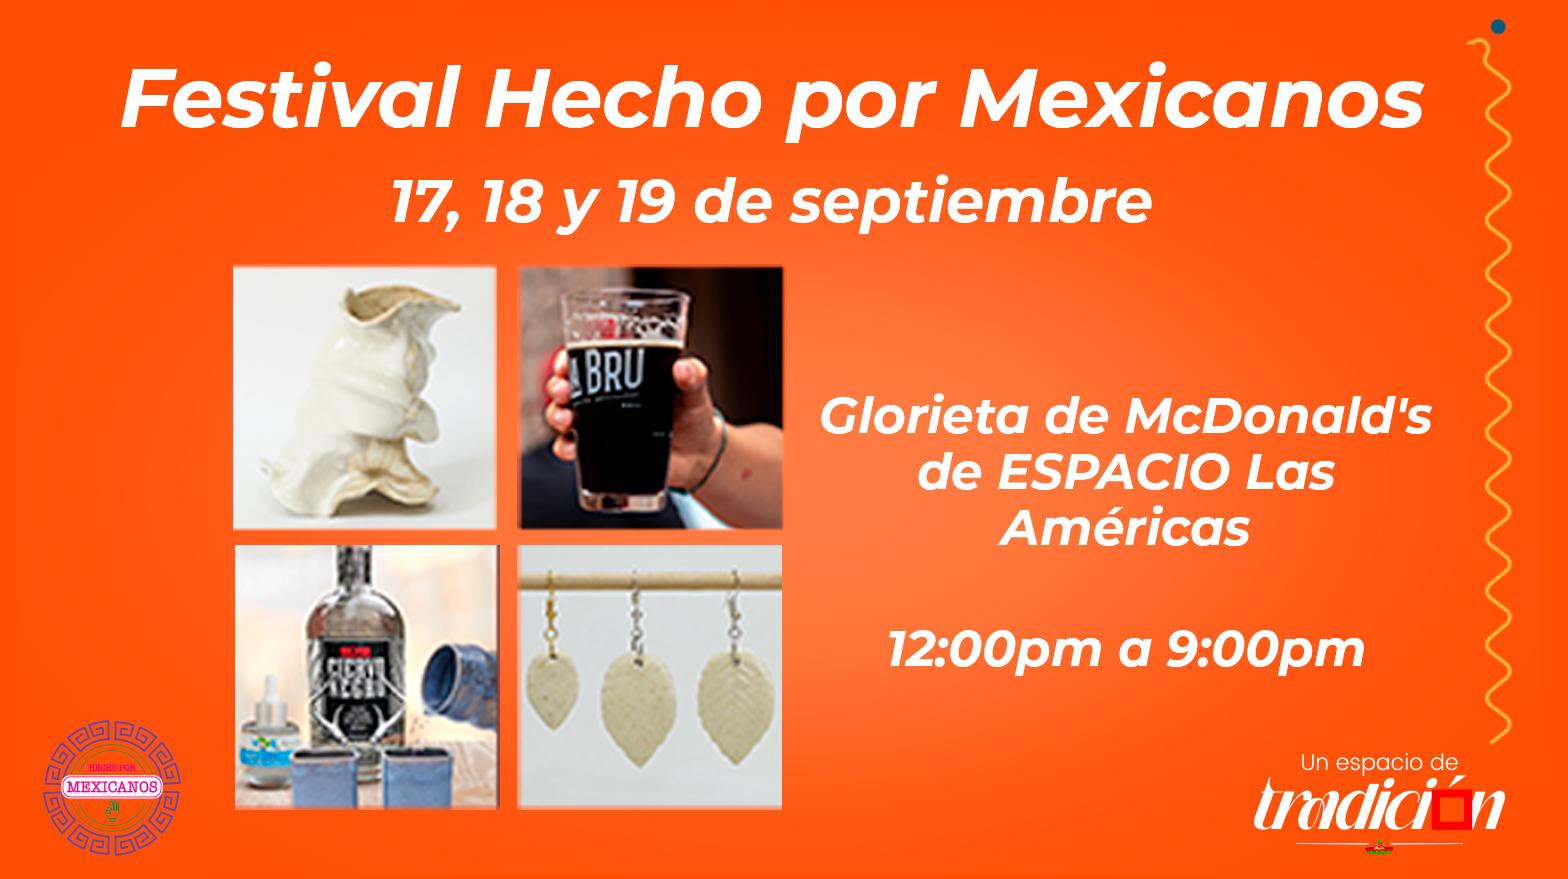 El Festival Hecho por Mexicanos llega a Espacio Las Américas